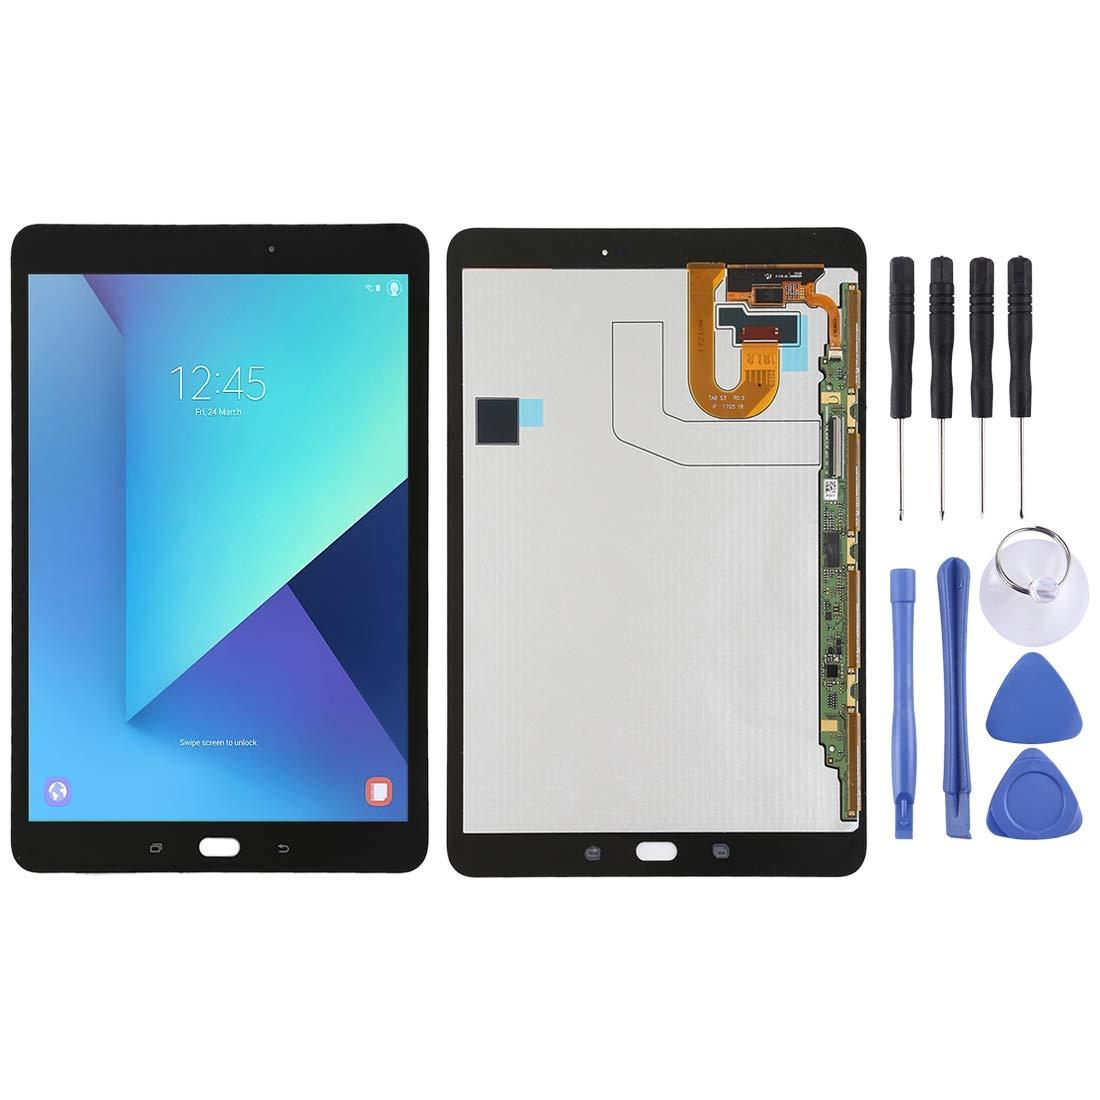 修理用フロントパネル(フロントガラスデジタイザ)タッチパネル Lcd液晶パネルセット Samsung Galaxy Tab S3 Galaxy Samsung T820 :/ T825のためのLCDスクリーンとデジタイザーのフルアセンブリ (色 : Black) Black B07N6D4JKT, ジェイエスジェイ:602978c5 --- gallery-rugdoll.com